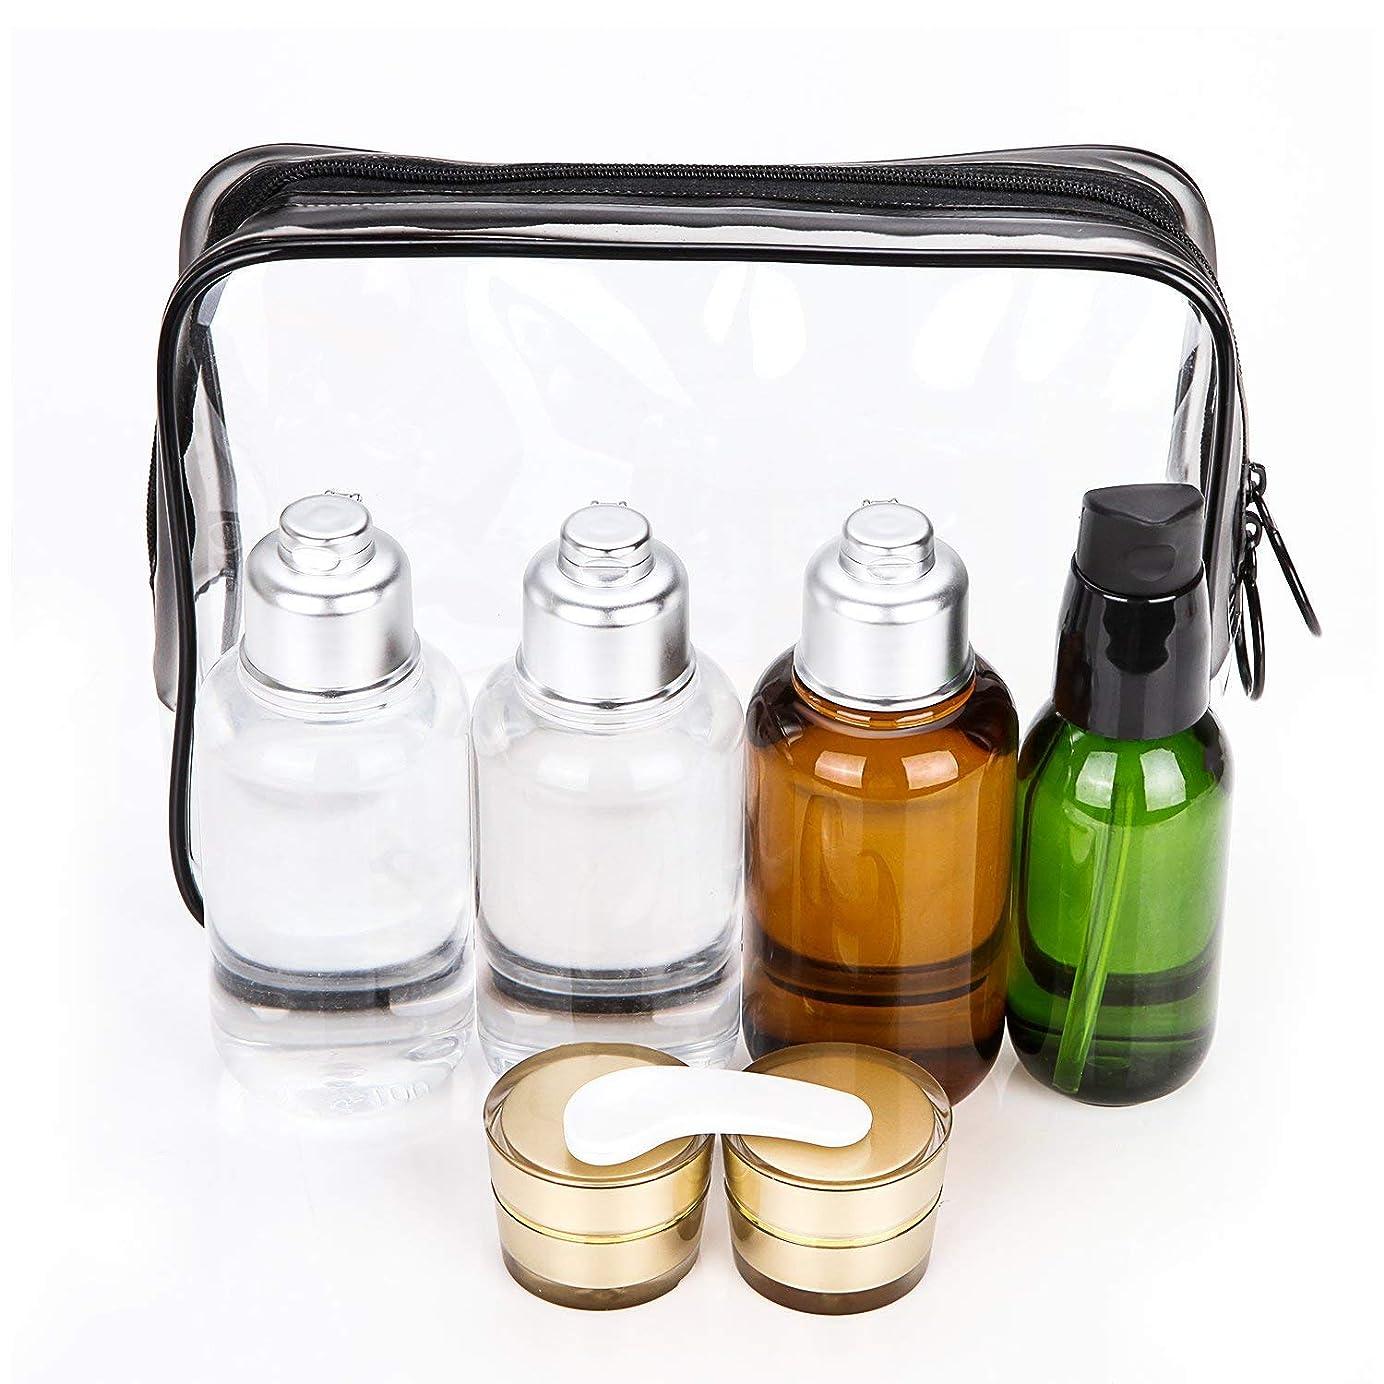 Bijou Cat トラベル用ボトル 詰替ボトル シャンプーボトル 旅行携帯用容器